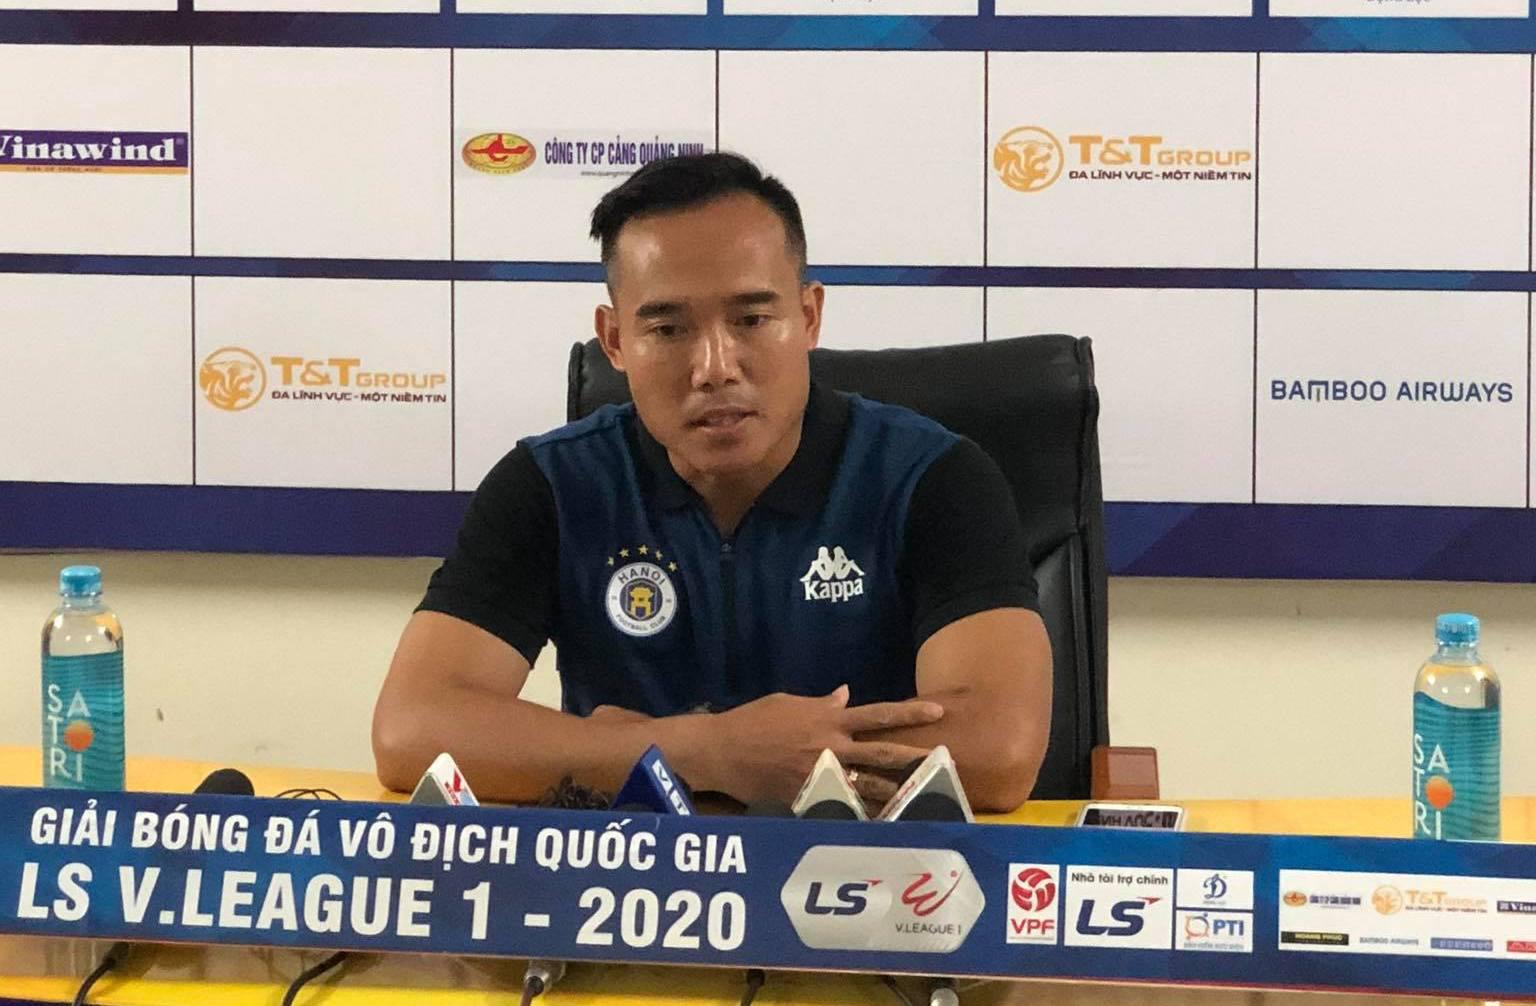 HLV phó Hà Nội FC Nguyễn Công Tuấn bật mí việc Quang Hải nhiều lần bị cầu thủ HAGL đá vào chân. Ảnh: Đức Thành